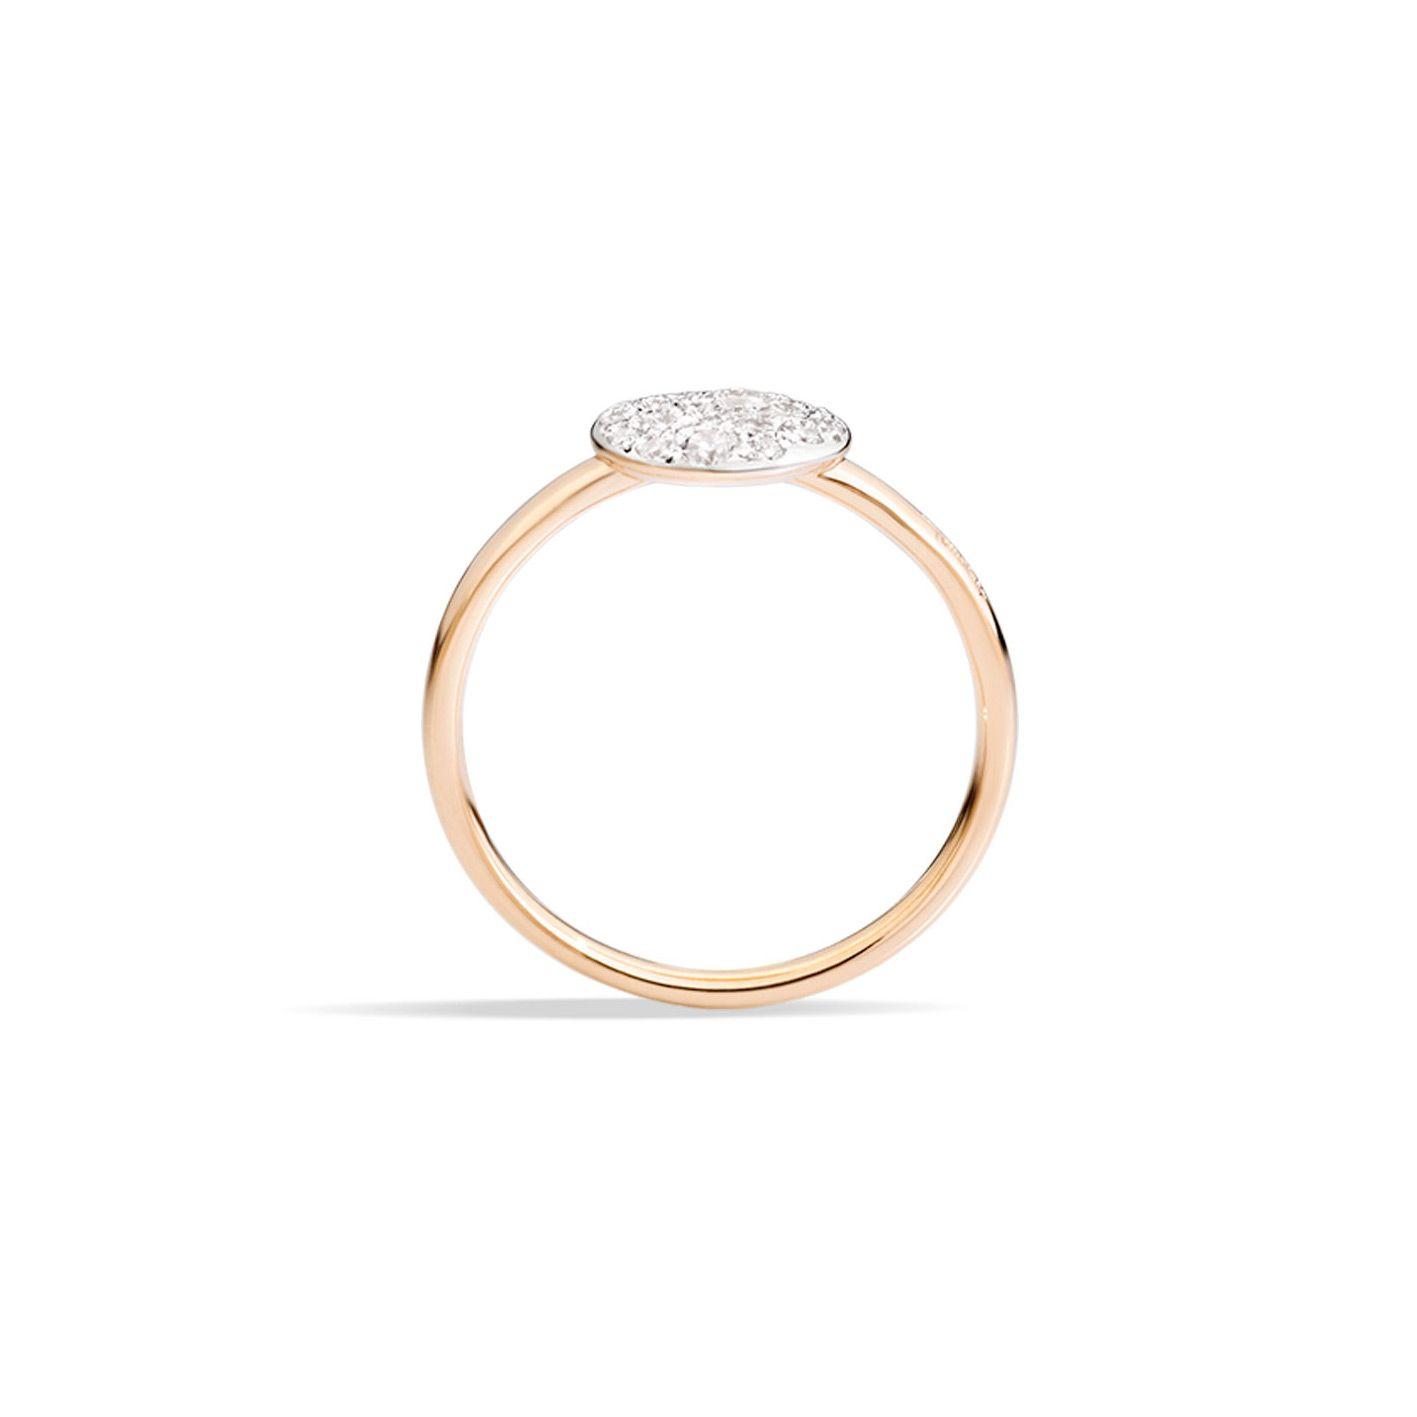 Bague Pomellato Sabbia petit modèle en Or rose et Diamant vue 2